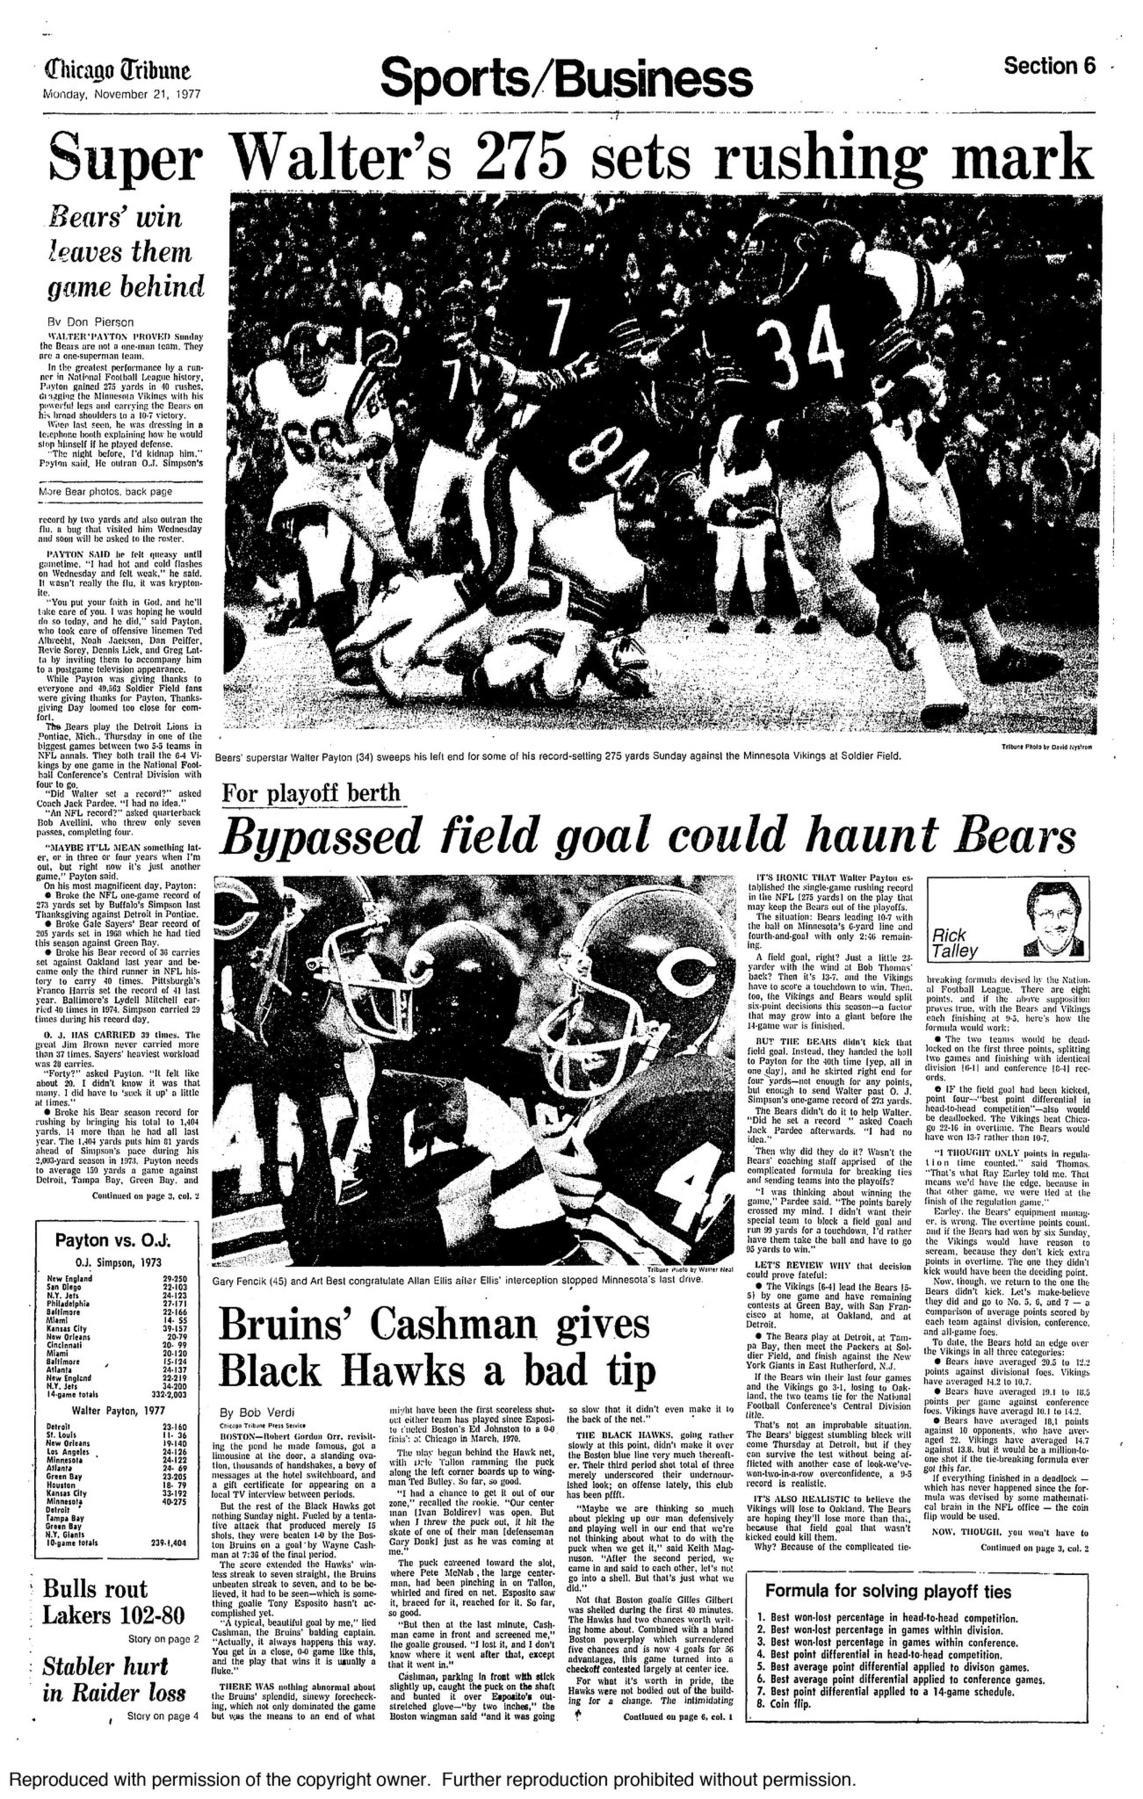 Nov. 20,1977: Walter Payton sets single-game rushing record